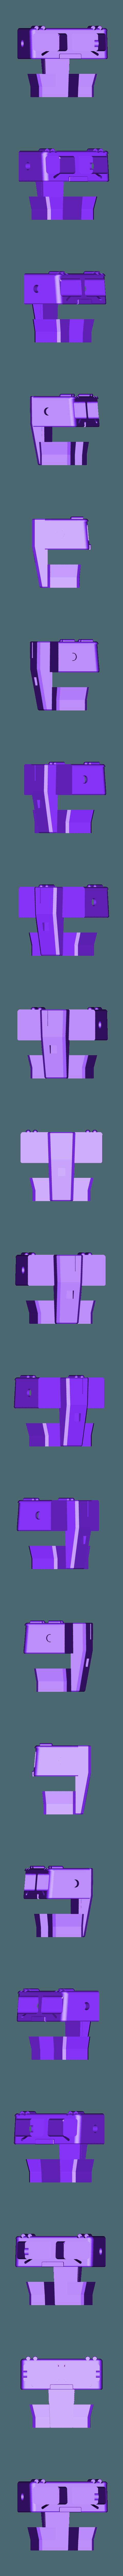 Torso-Red.stl Télécharger fichier STL gratuit Big Optimus Prime! - Modèle multi-matériaux • Plan pour imprimante 3D, ChaosCoreTech